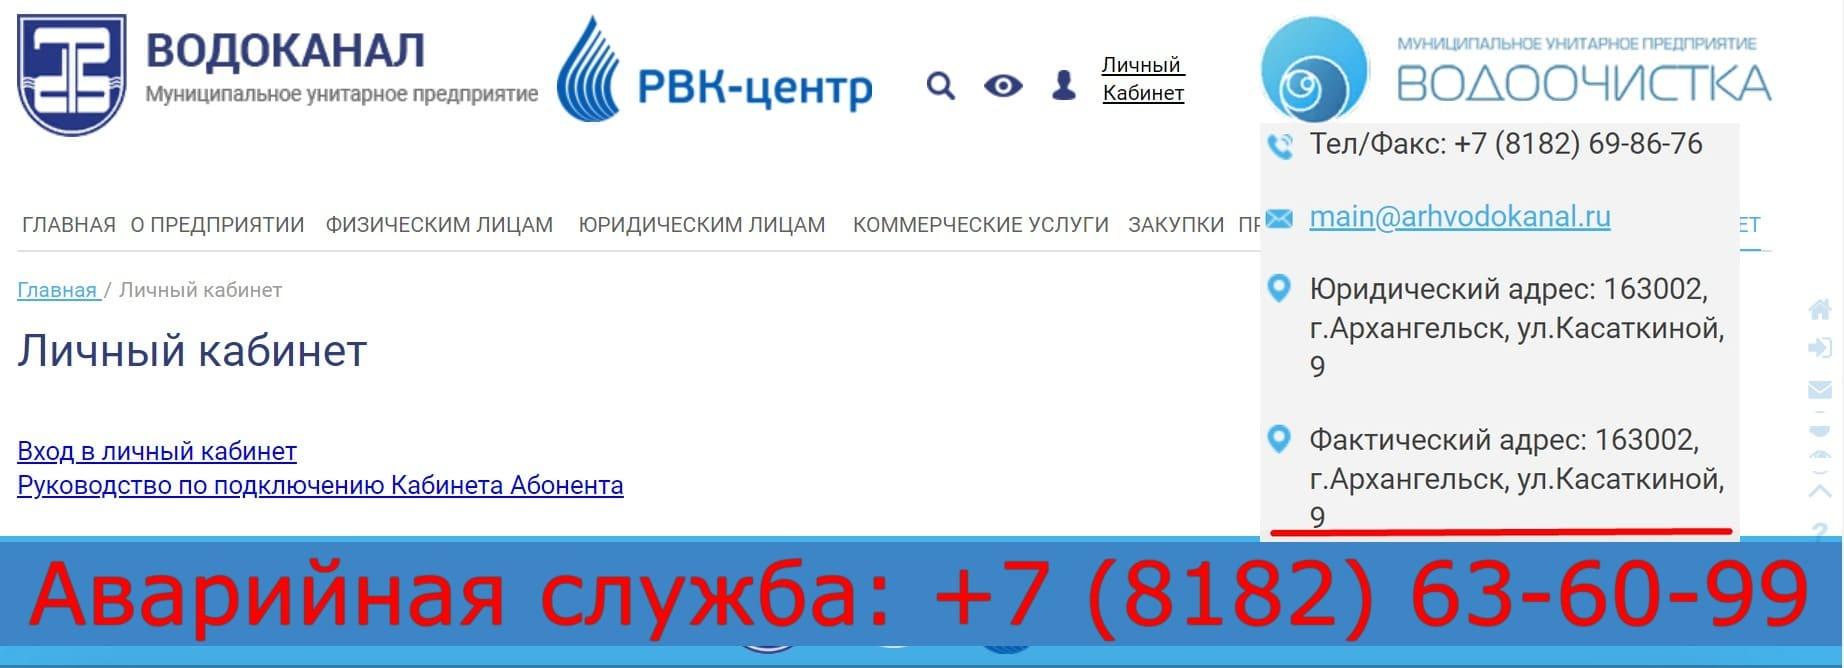 РВК Центр Архангельск личный кабинет